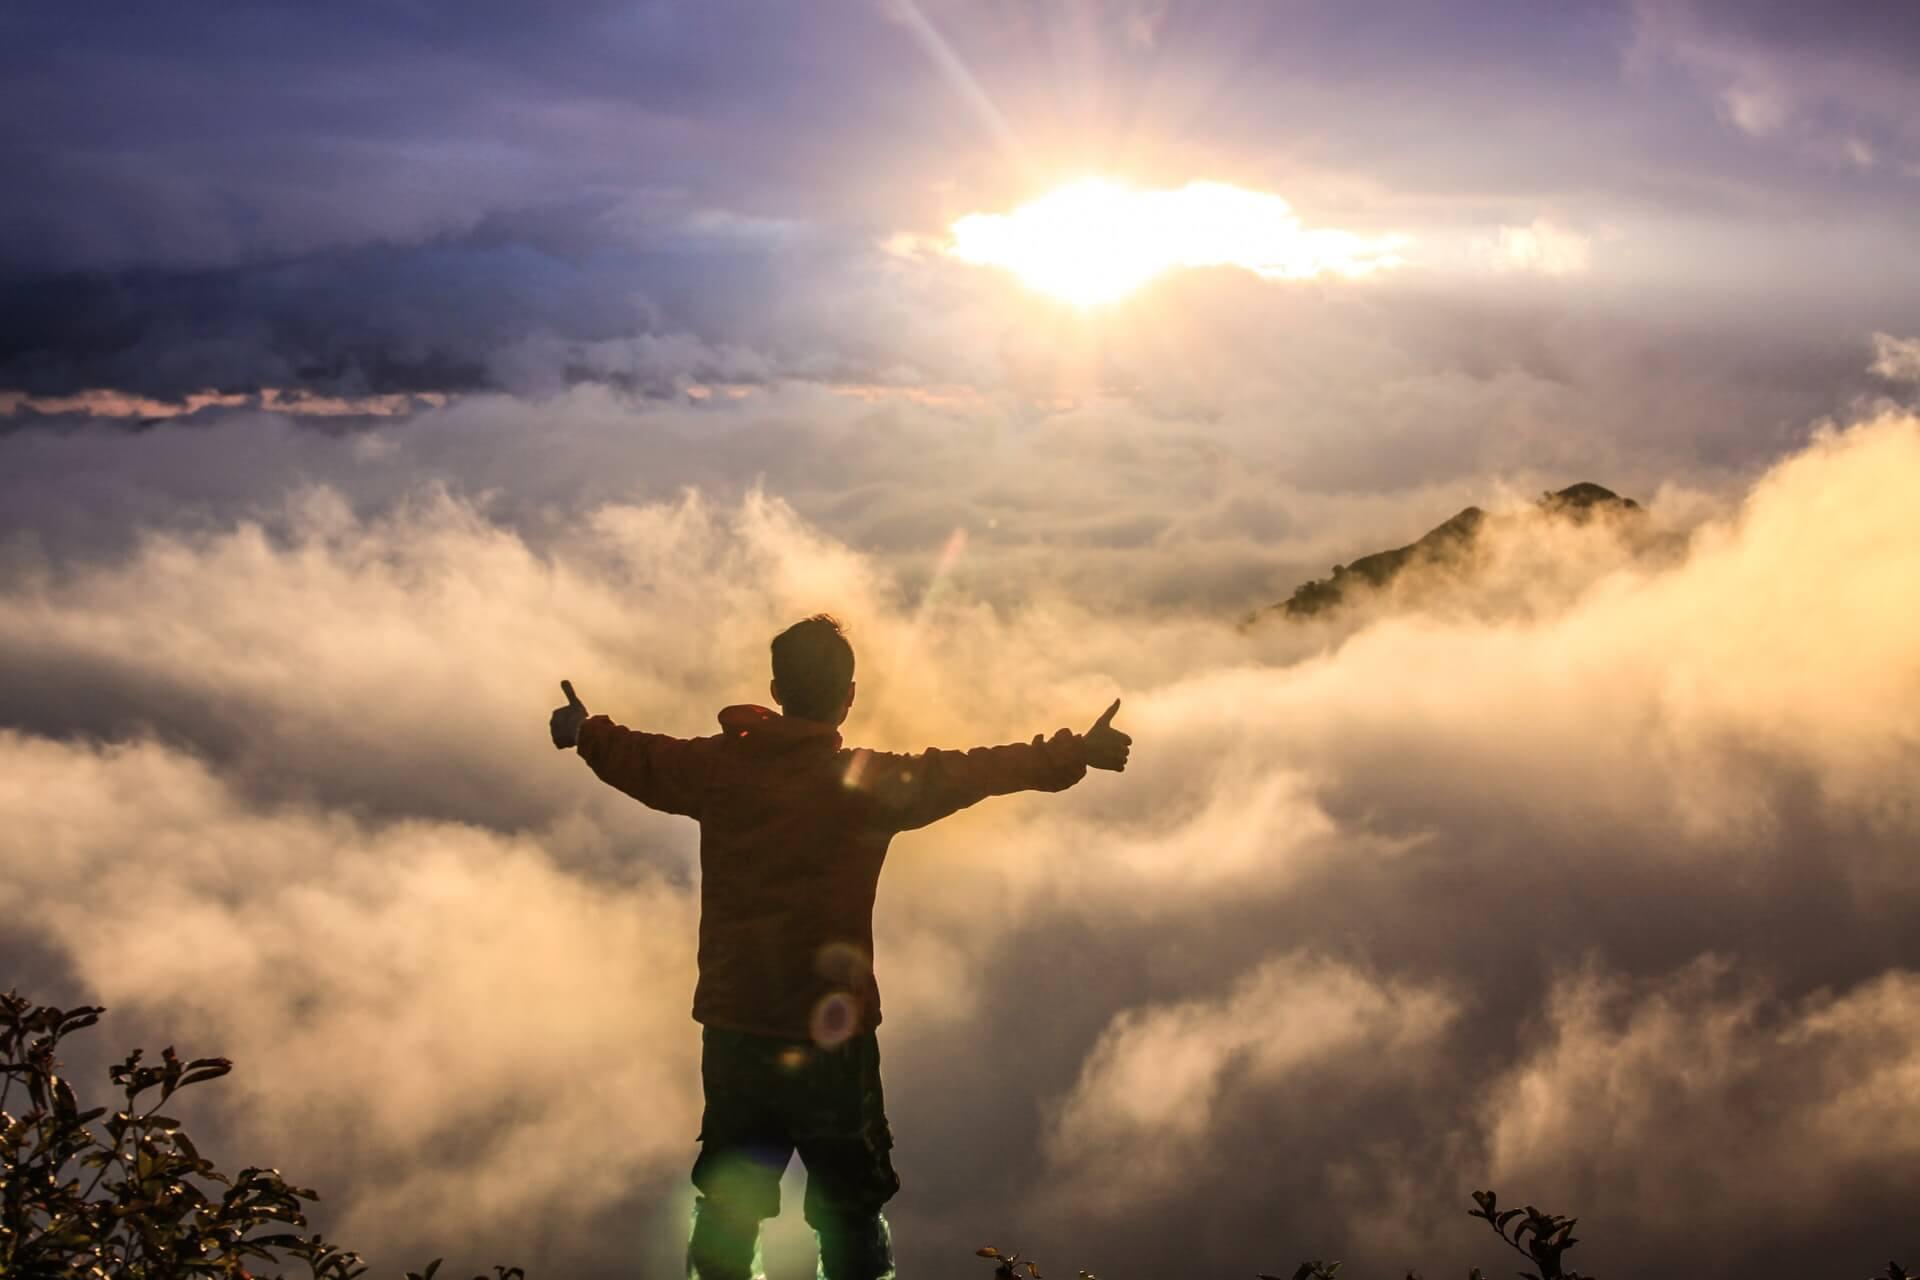 潜在意識引き寄せ幸せ